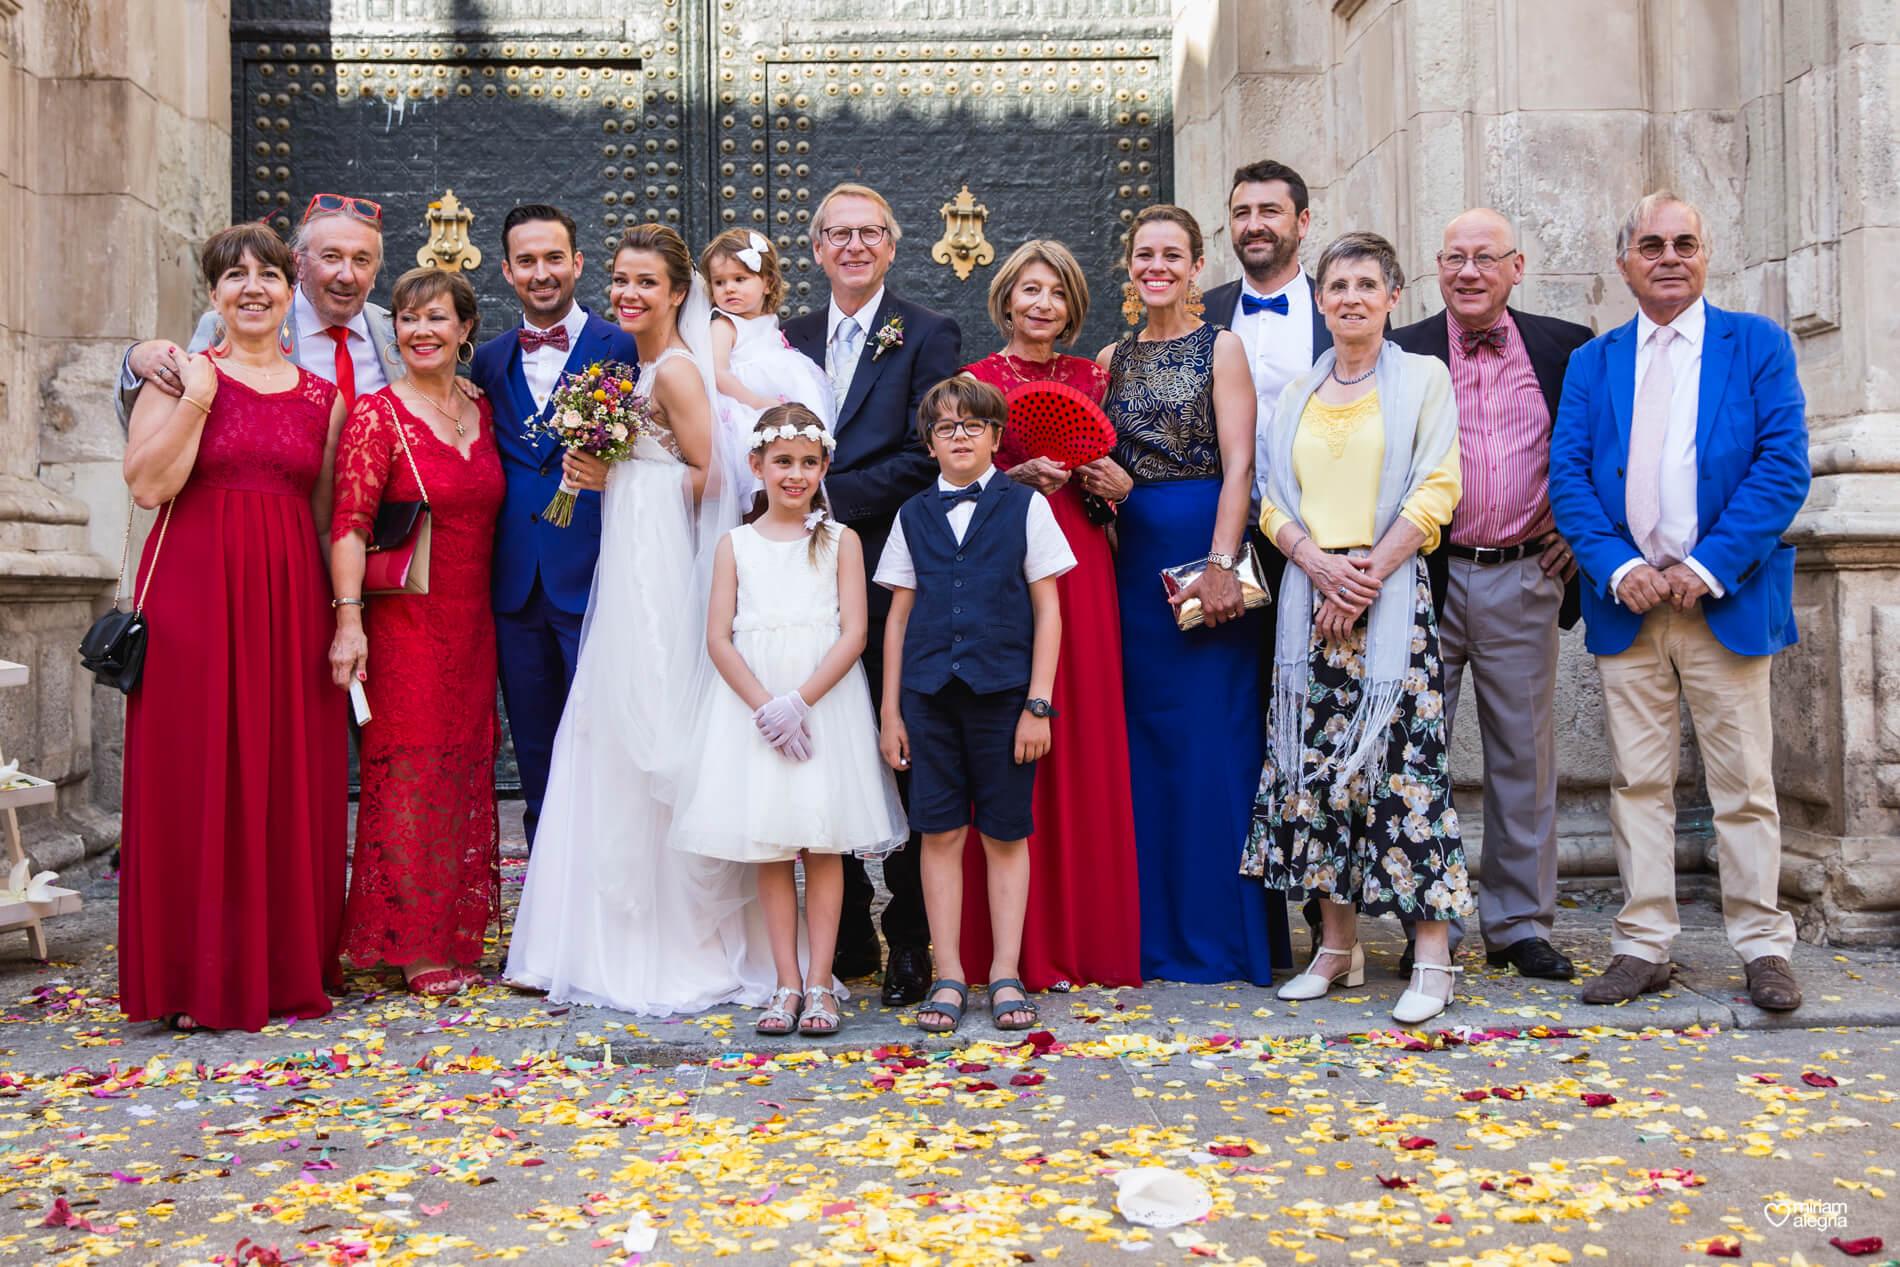 wedding-huerto-del-cura-elche-miriam-alegria-fotografos-boda-248